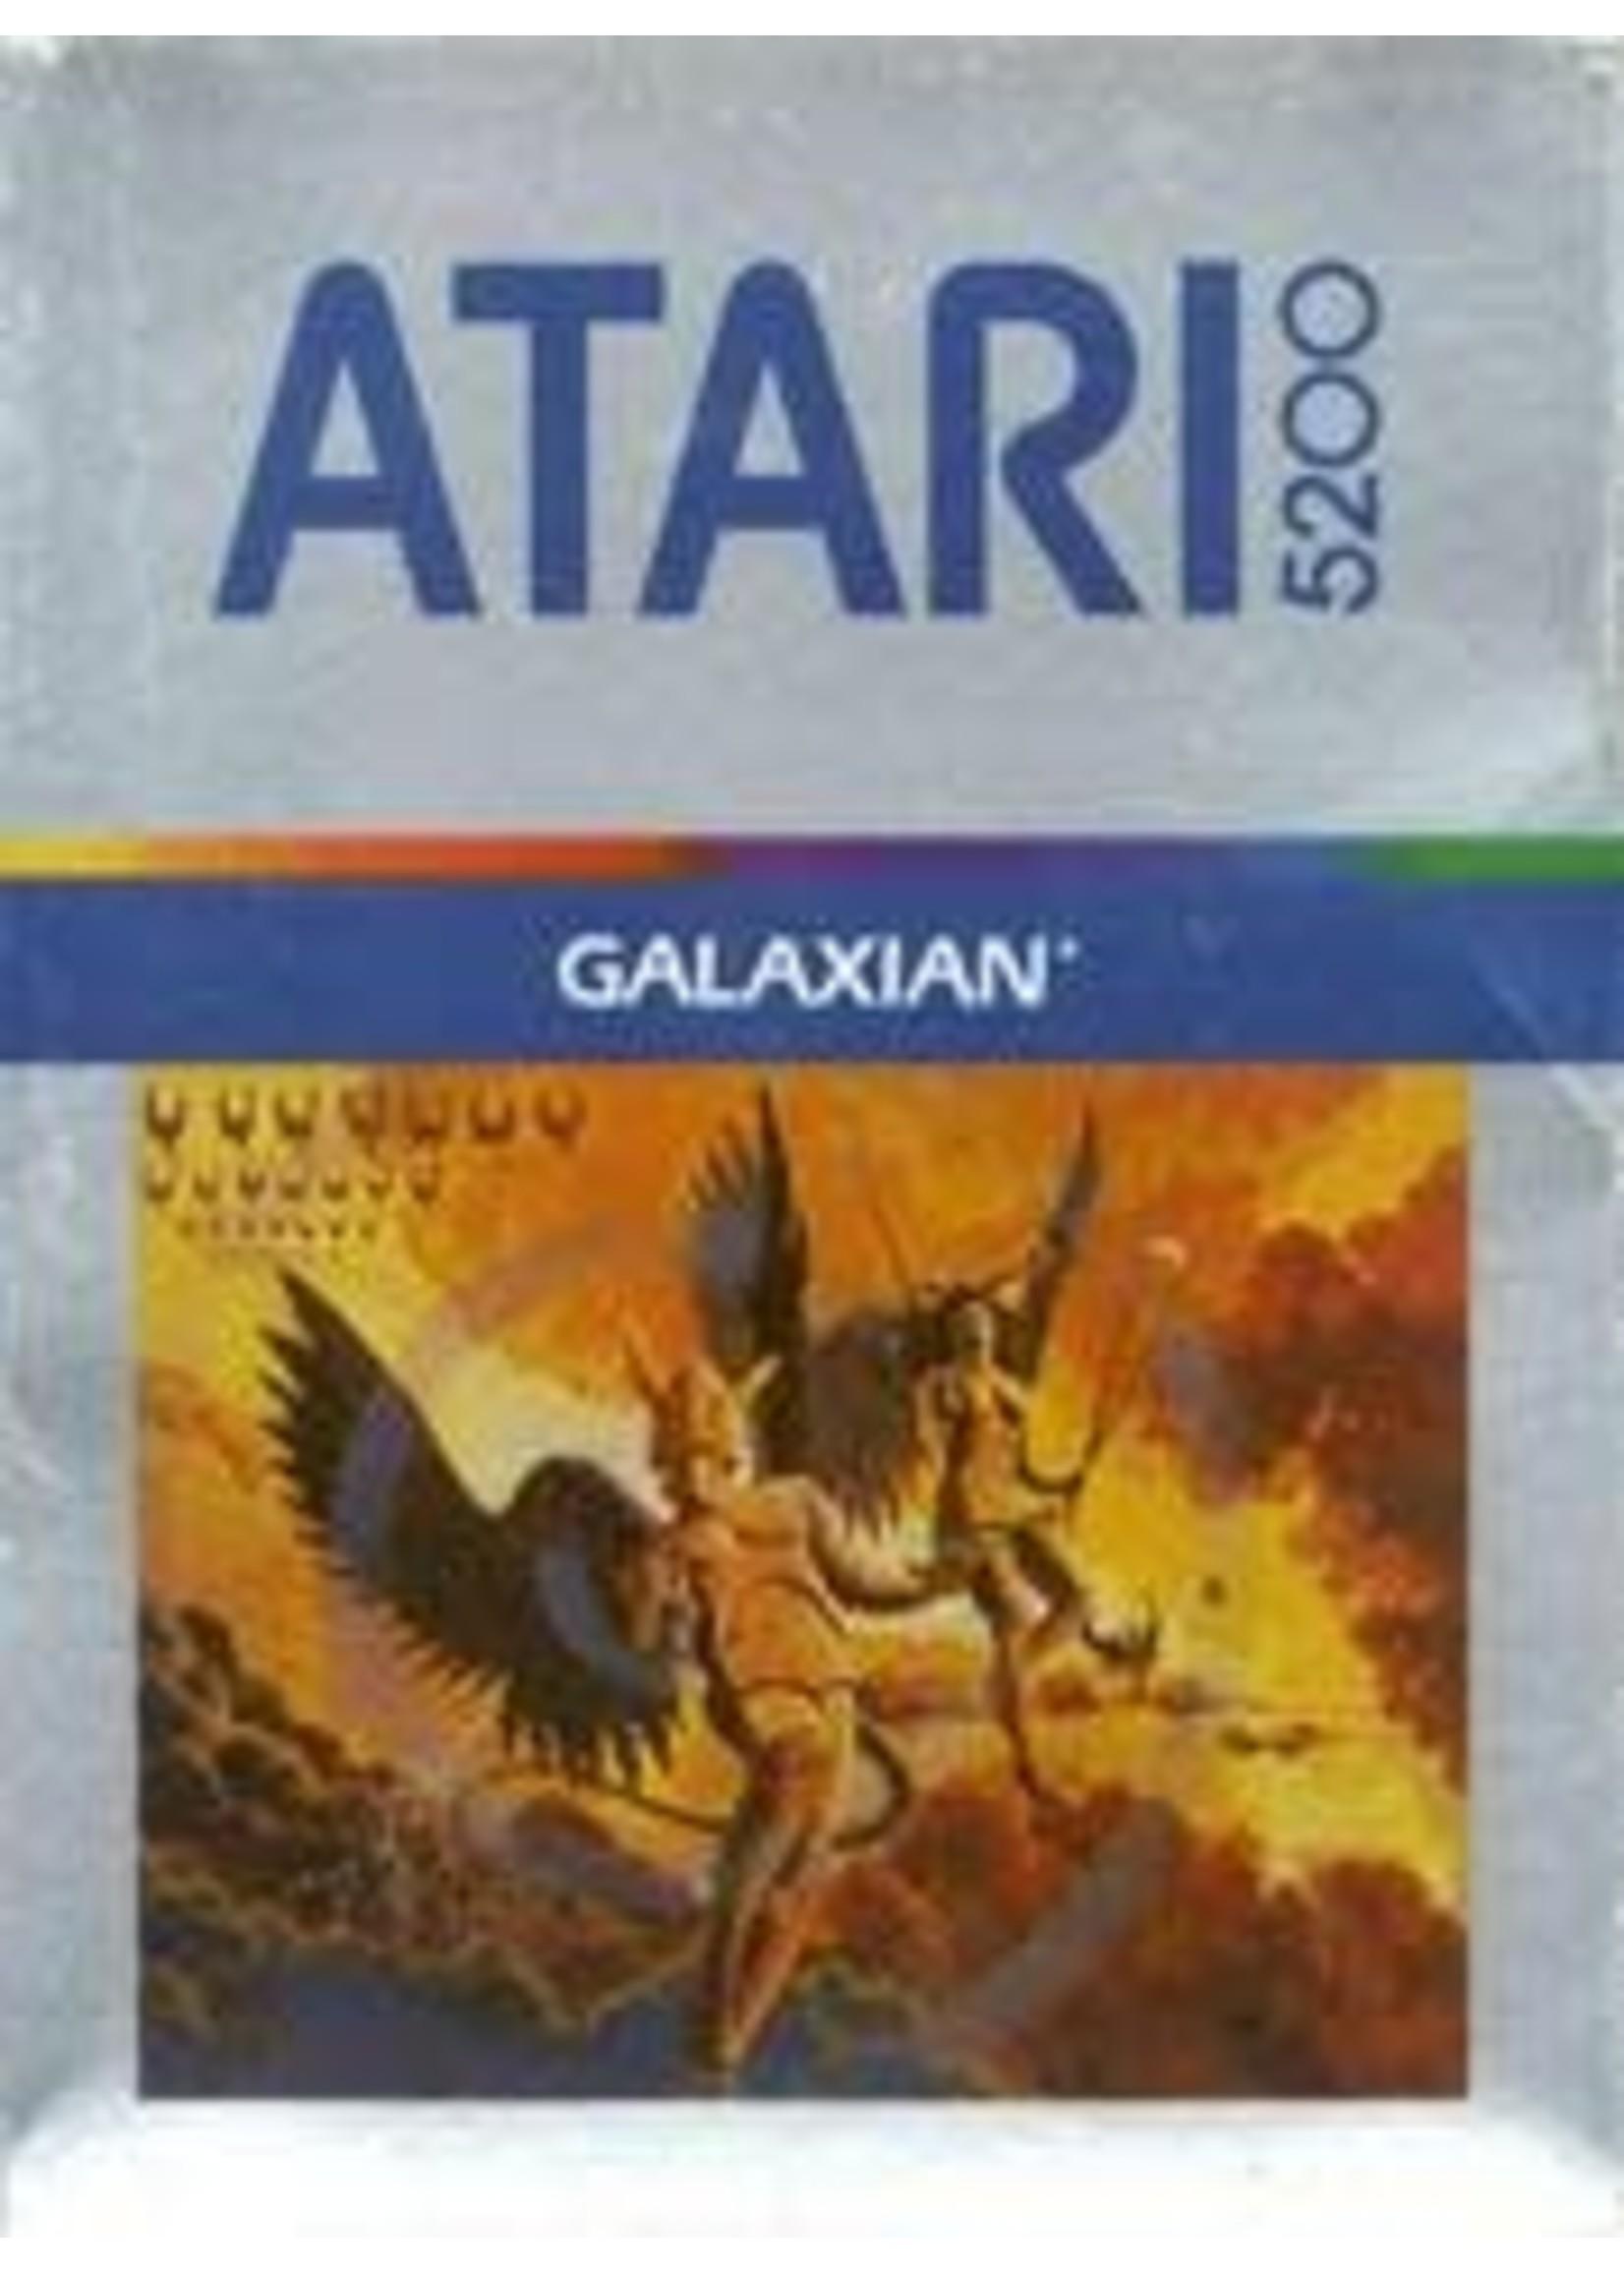 Galaxian Atari 5200